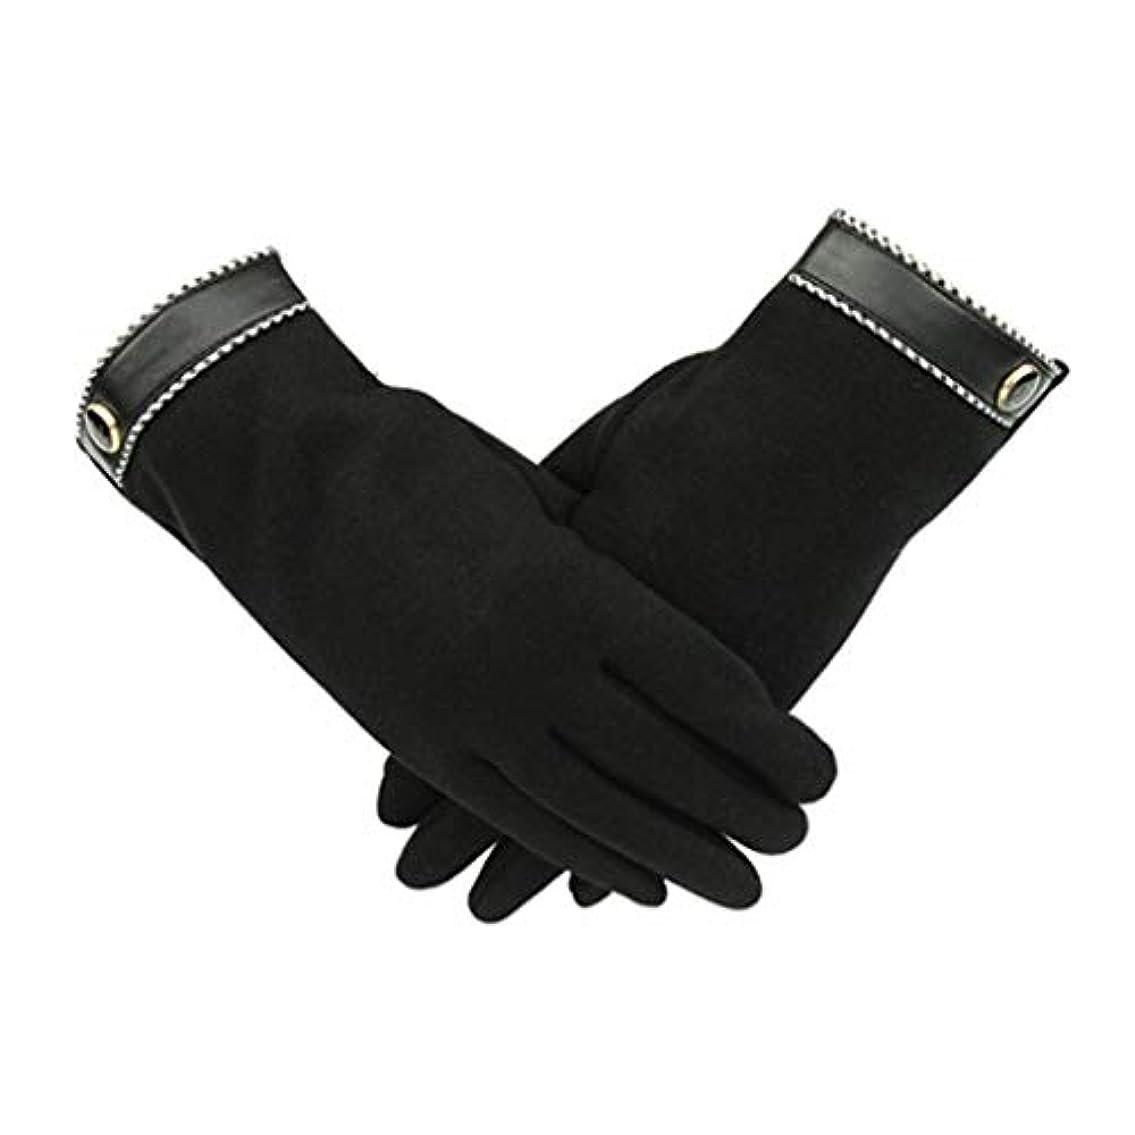 どっちでもエクステント熱望する手袋の男性プラスベルベット暖かい春と秋冬の屋外旅行は、ベルベットのタッチスクリーンの手袋ではない (色 : 黒)